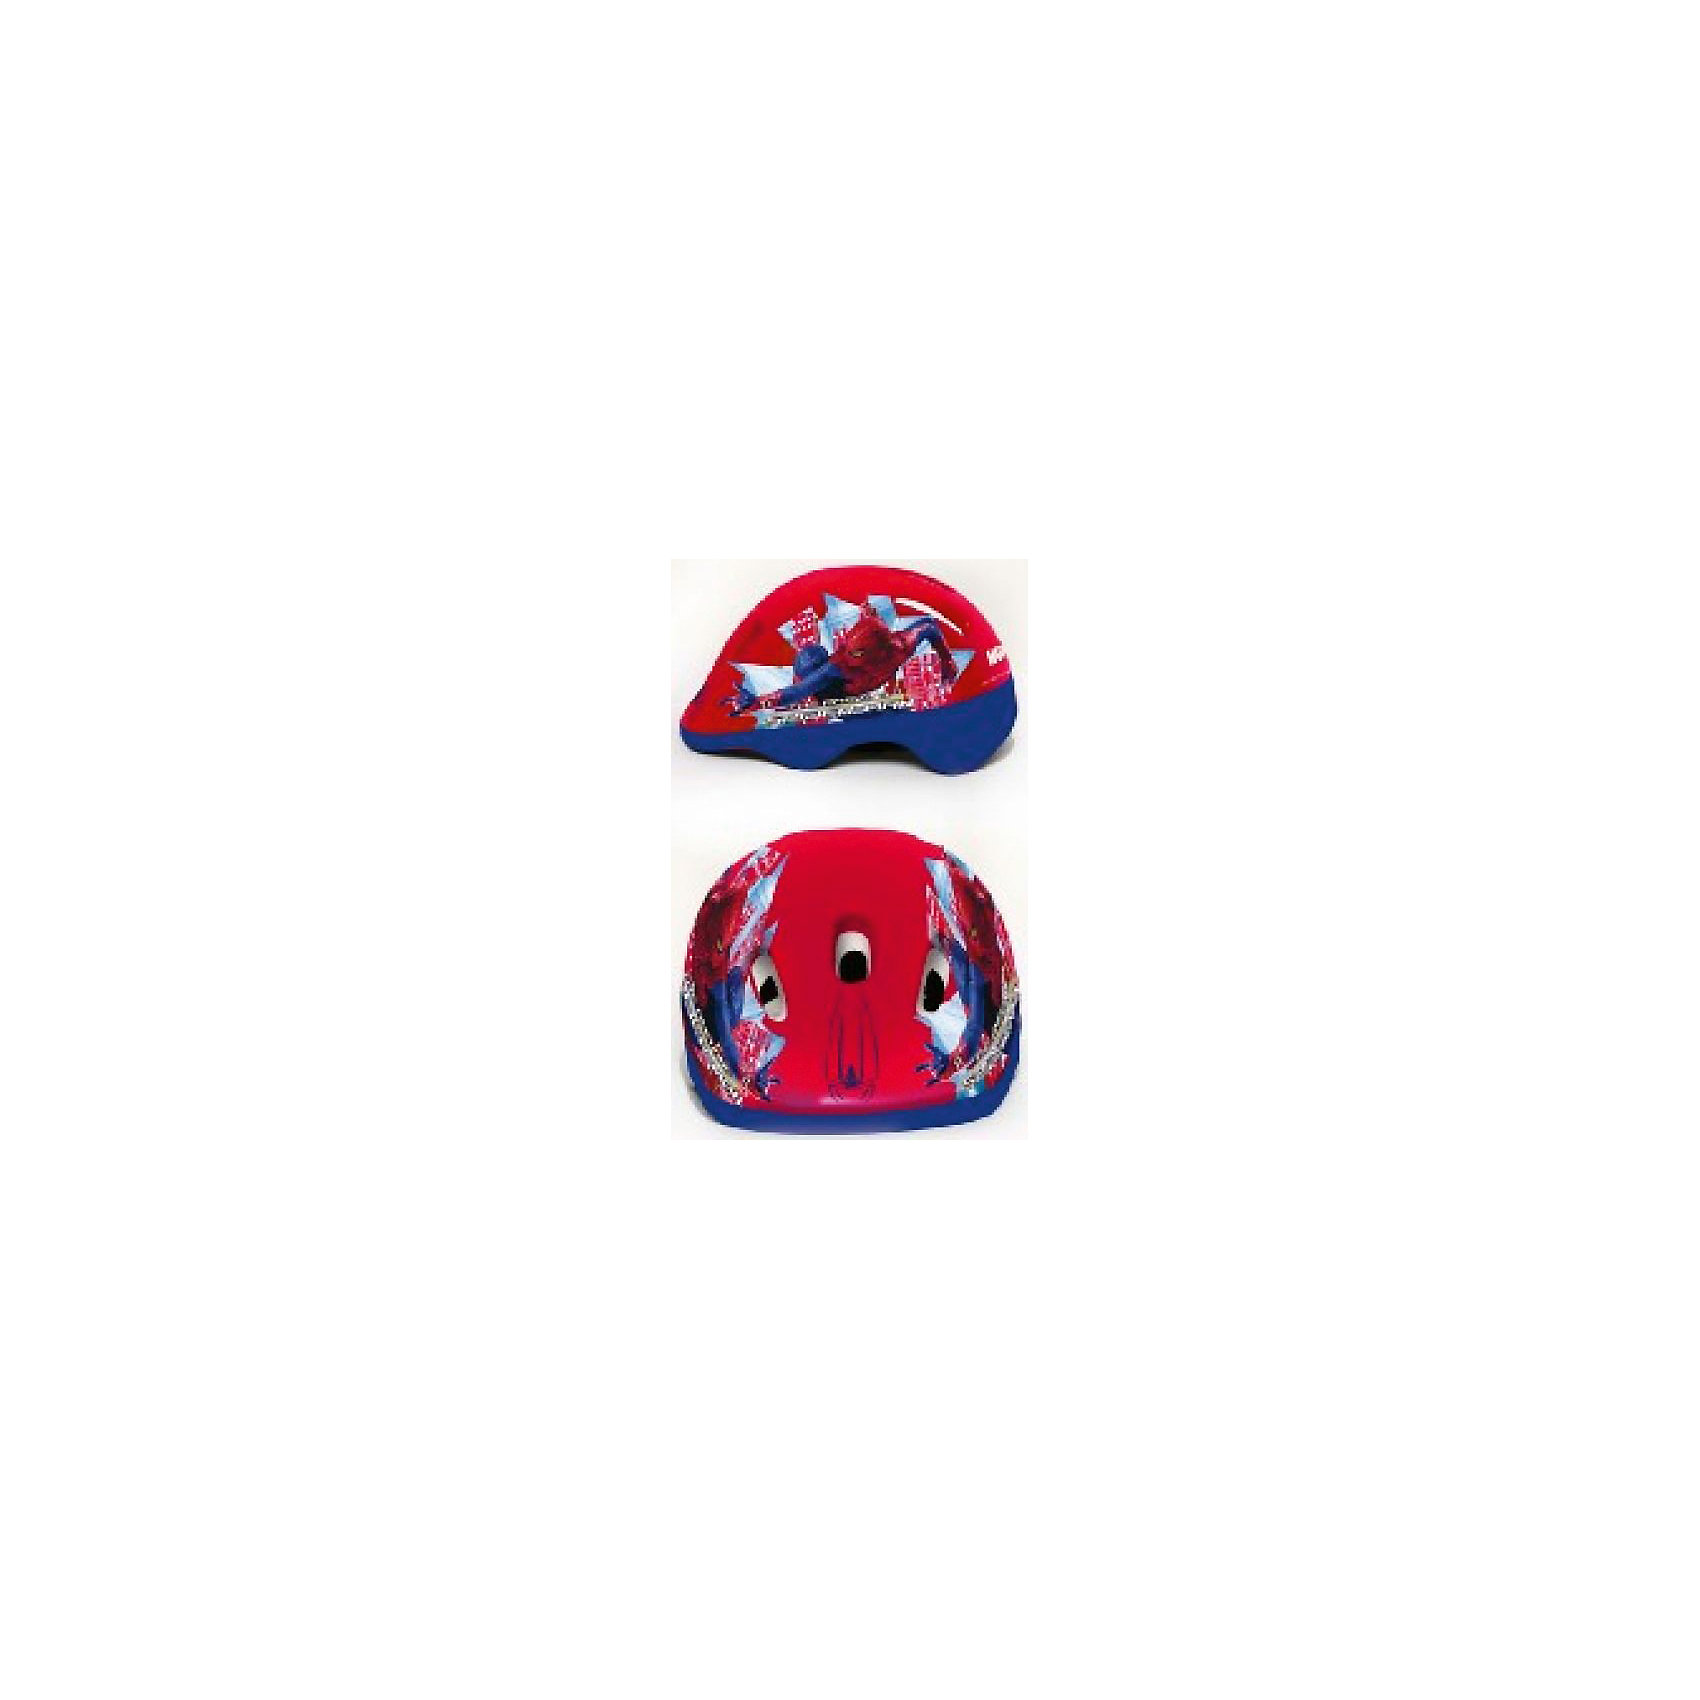 Шлем, р-р М, Человек-ПаукДетский шлем надежно защитит голову ребенка во время катания на роликах, велосипеде или скейтборде. Изделие выполнено из высококачественных ударопрочных материалов, имеет аэродинамическую форму и стильный дизайн. Яркий шлем с изображением Человека-Паука обязательно понравится ребенку и эффектно дополнит спортивный образ юного модника! Сделайте активный отдых не только увлекательным и интересным, но и безопасным для детей! <br><br>Дополнительная информация:<br><br>- Материал: пластик.<br>- Размер: М (от 8 лет).<br>- Застегивается на ремешки. <br>- Отверстия для вентиляции.<br>- Цвет: красный, синий.<br><br>Шлем, р-р М, Человек-Паук (Spider-Man), можно купить в нашем магазине.<br><br>Ширина мм: 1210<br>Глубина мм: 520<br>Высота мм: 420<br>Вес г: 240<br>Возраст от месяцев: 72<br>Возраст до месяцев: 144<br>Пол: Мужской<br>Возраст: Детский<br>SKU: 4616872